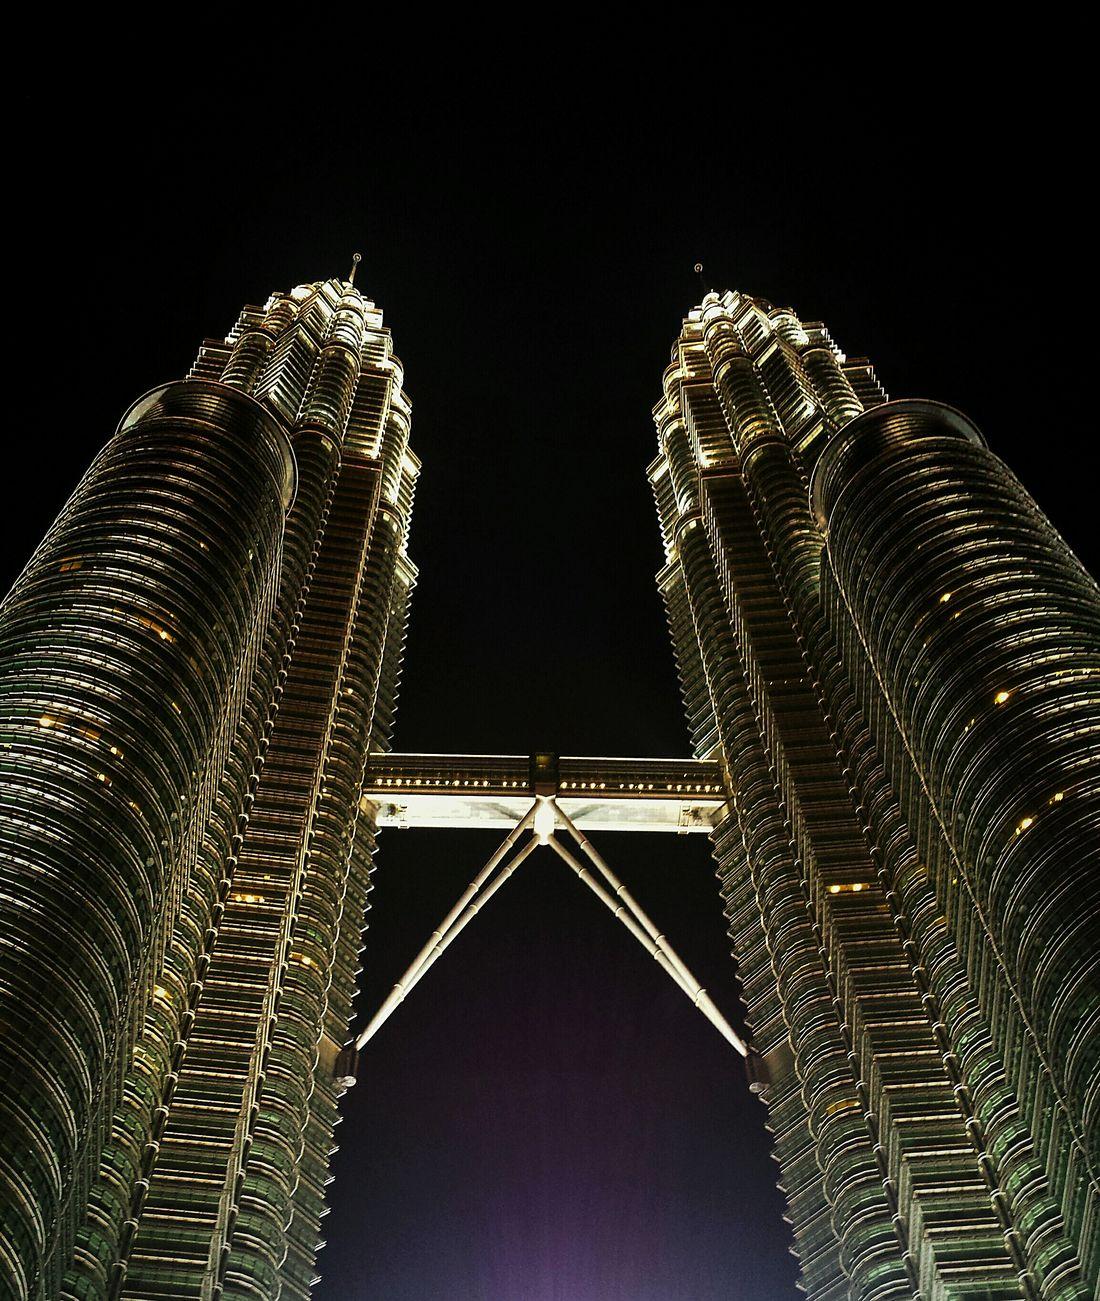 Twin Towers Malaysia Kuala Lumpur Petronas Twin Towers Twin Towers Wanderlust Cityscape KoalasinMY